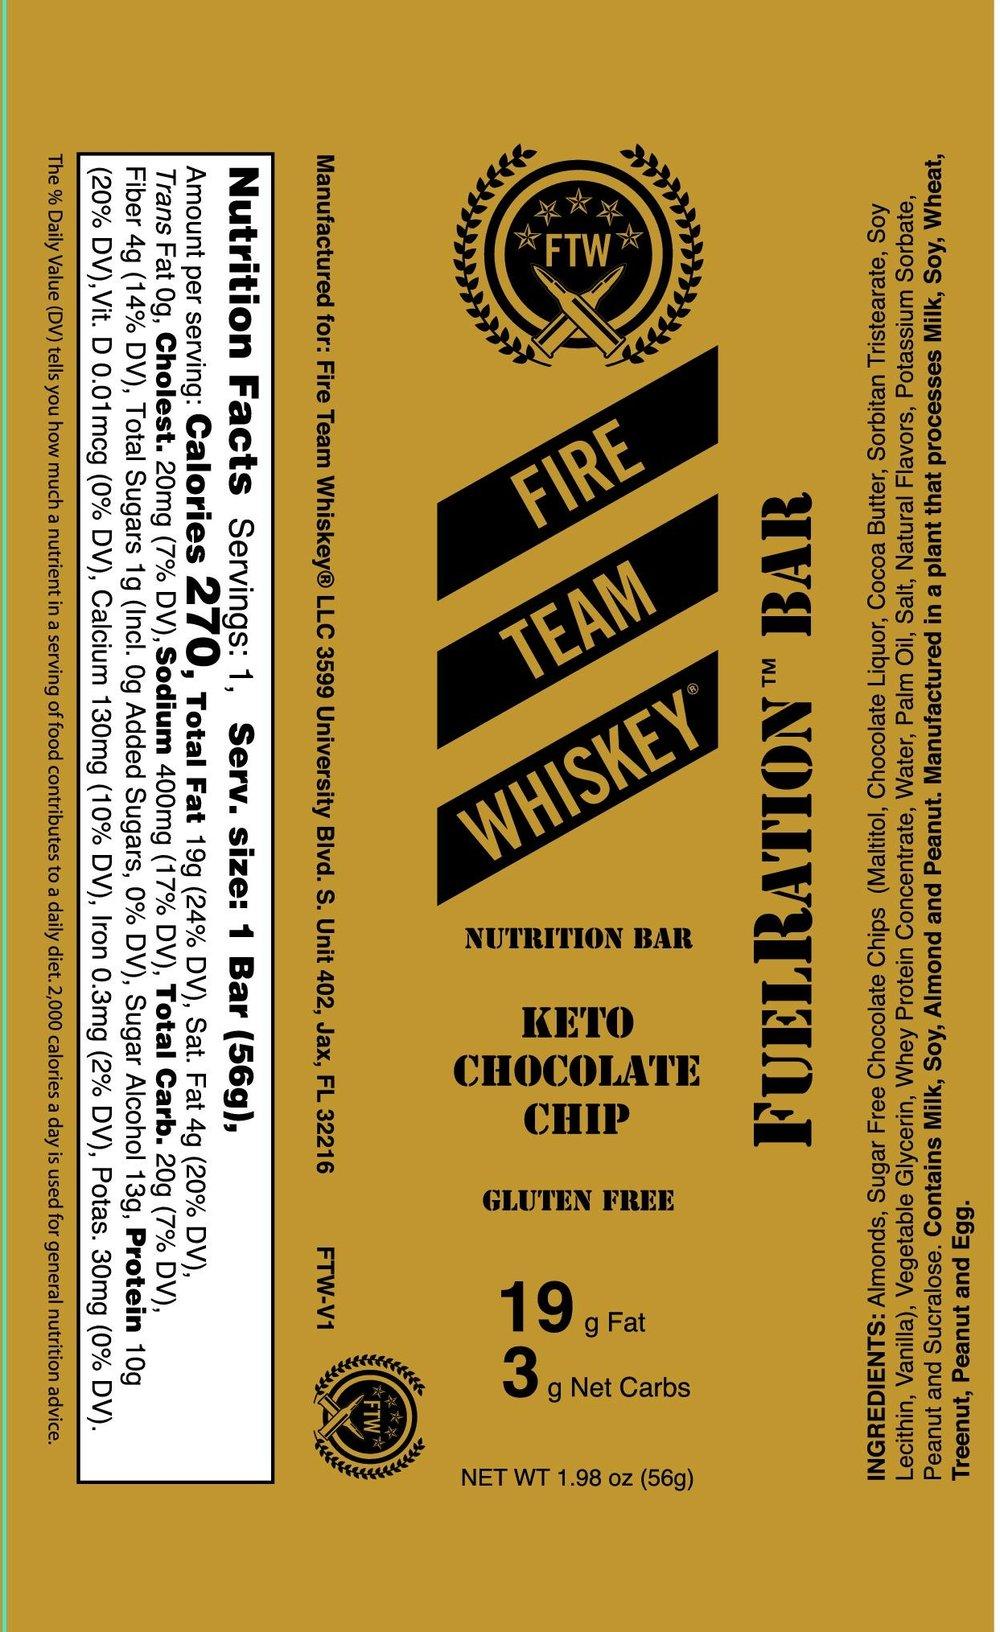 Keto Chocolate Chip-page-0.jpg